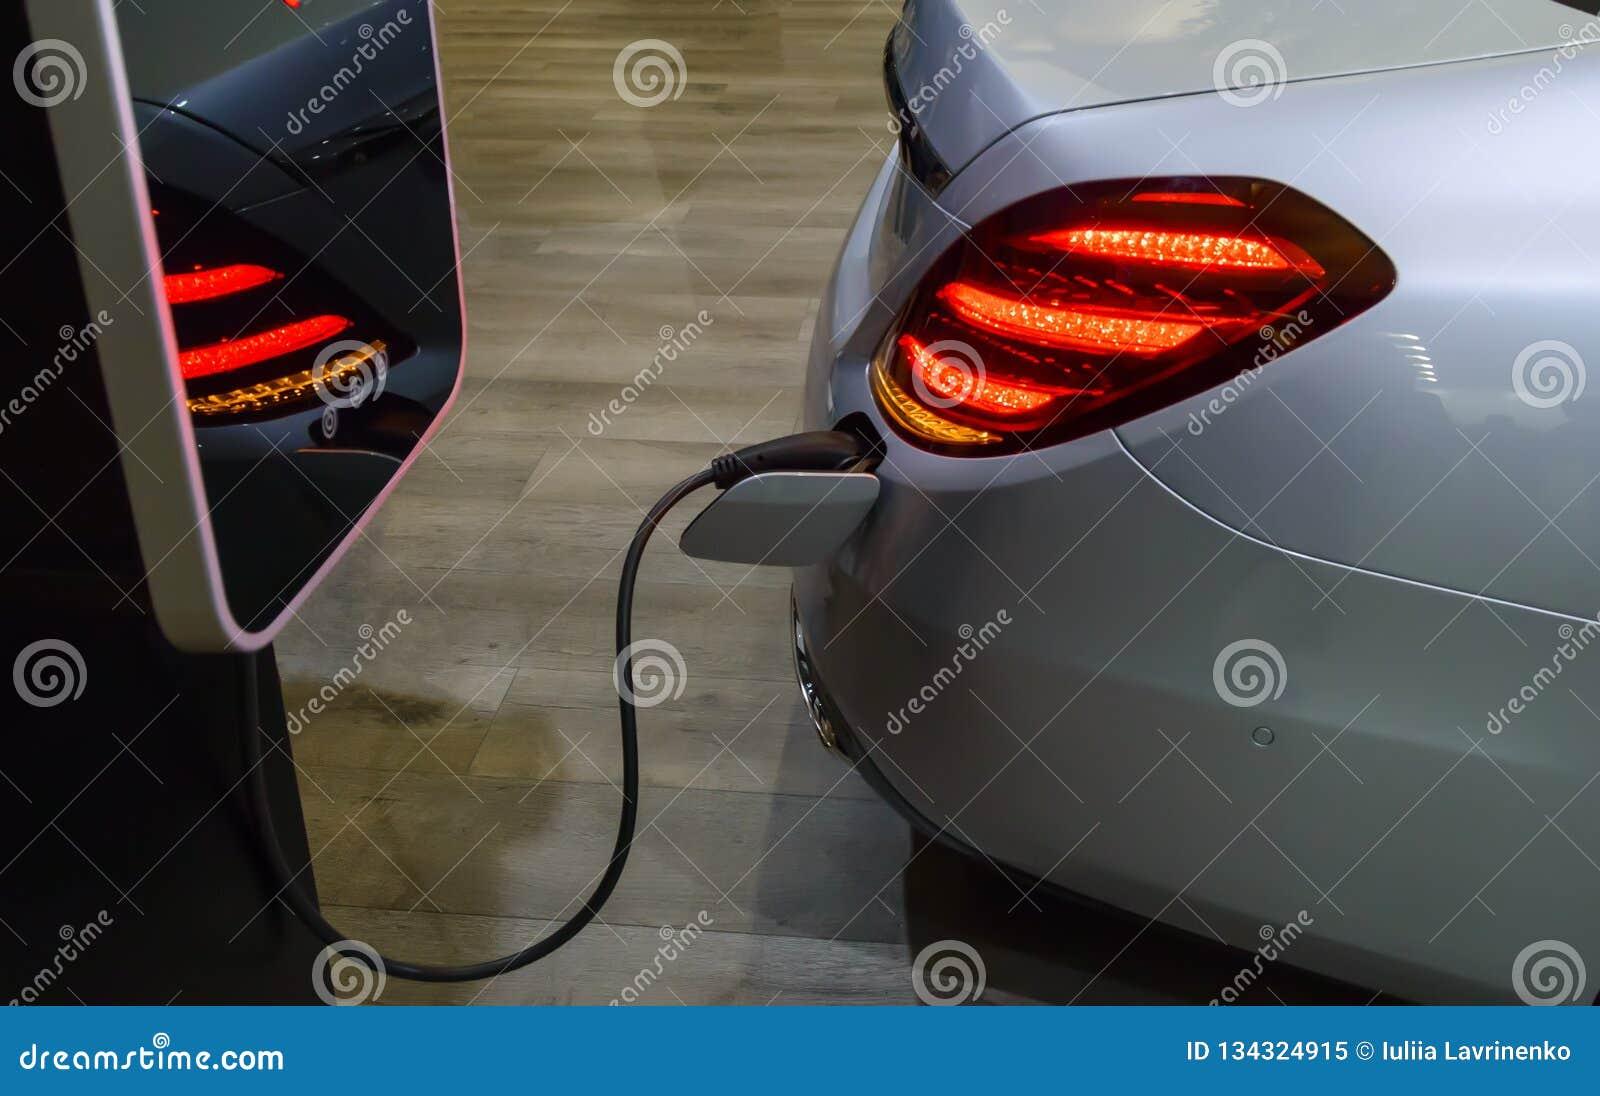 Voiture électrique avec branché un cable électrique à la station de charge